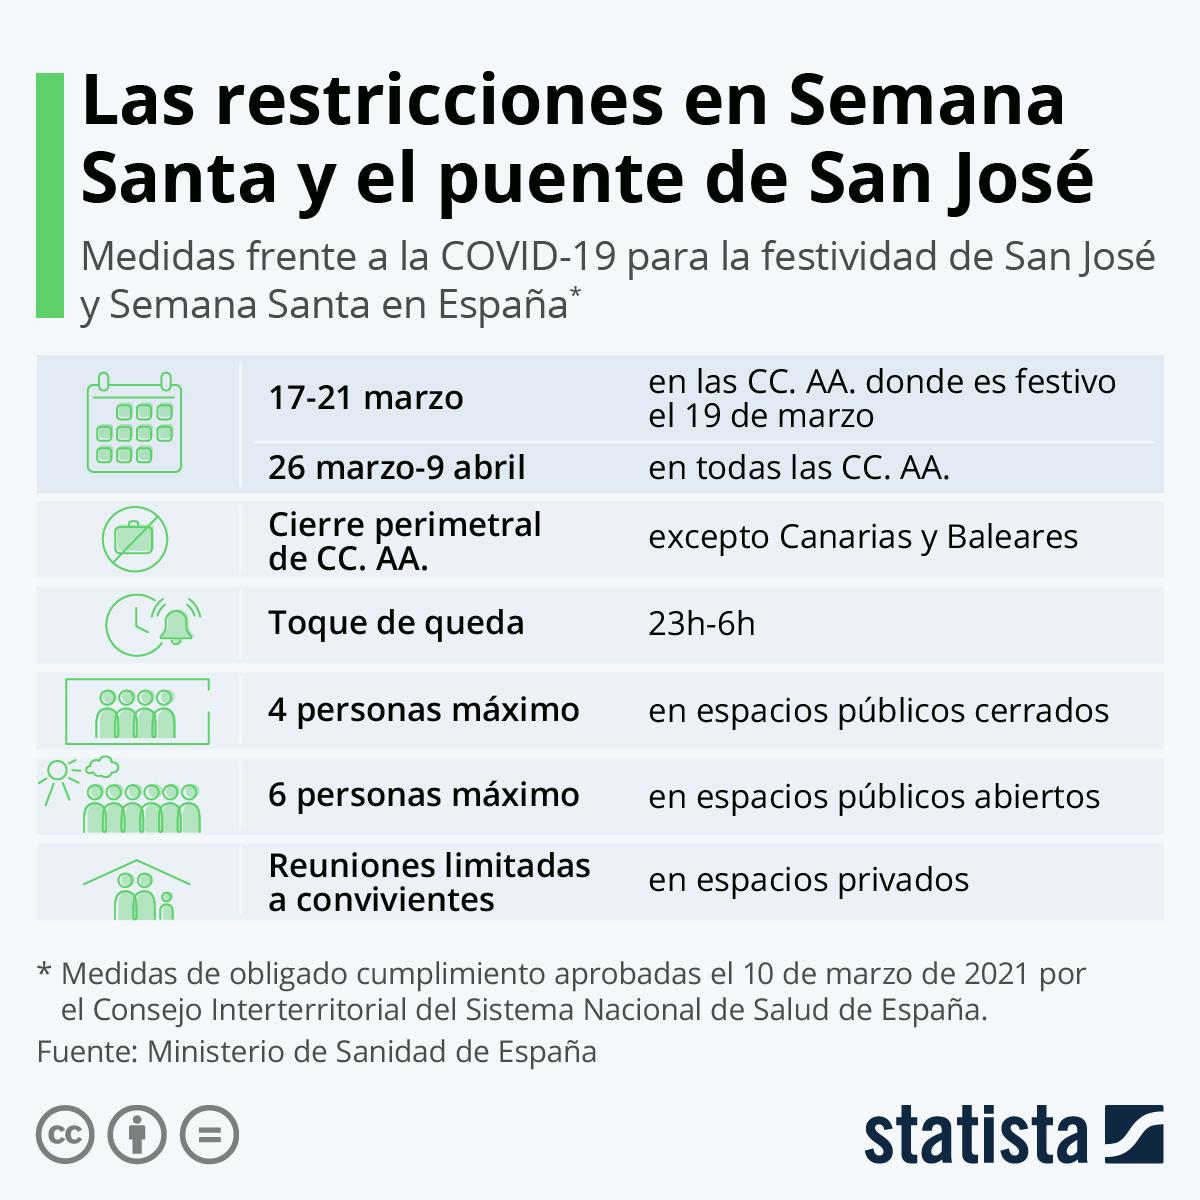 Infografía: ¿Qué se podrá hacer y qué no en Semana Santa y el puente de San José en España? | Statista